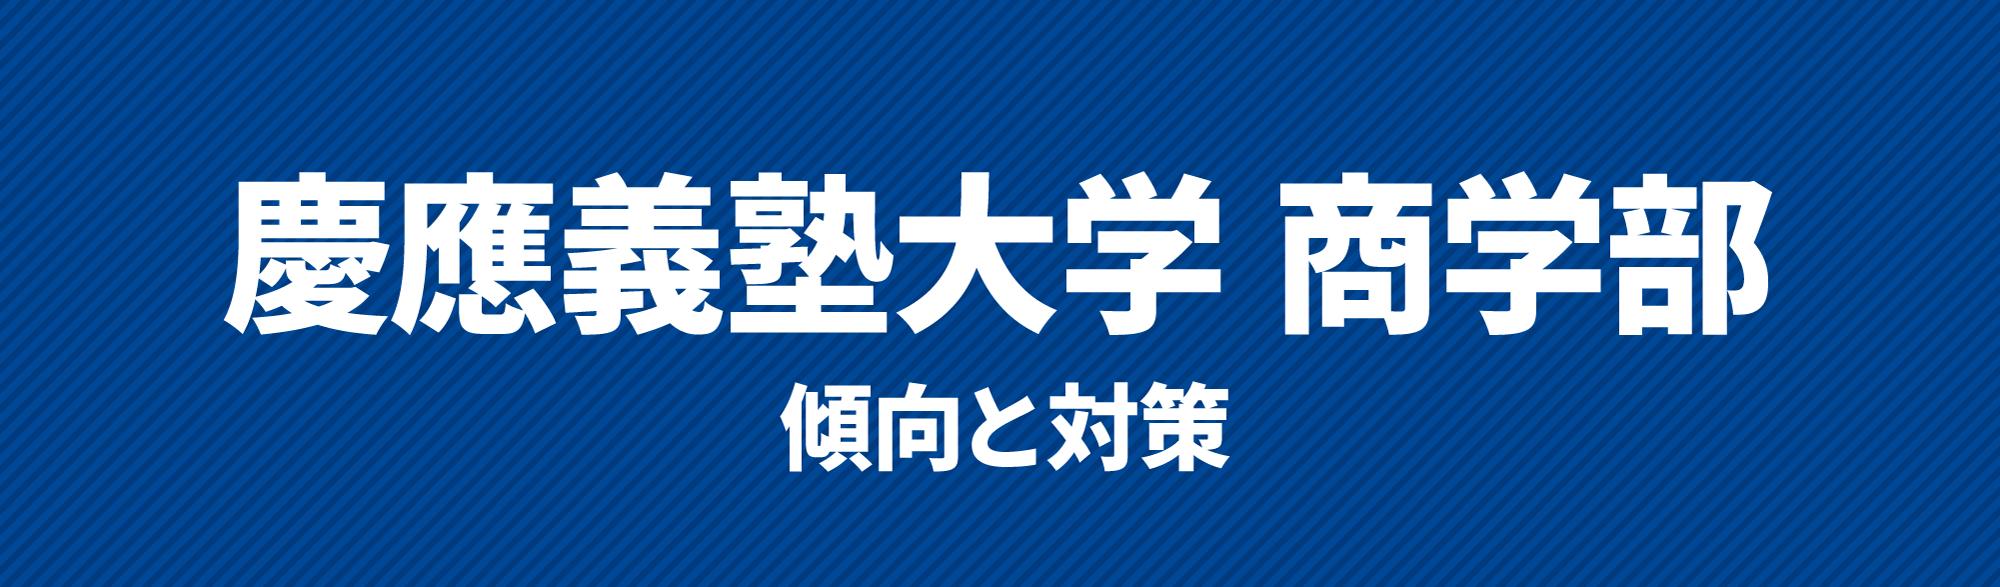 慶應義塾大学商学部傾向と対策